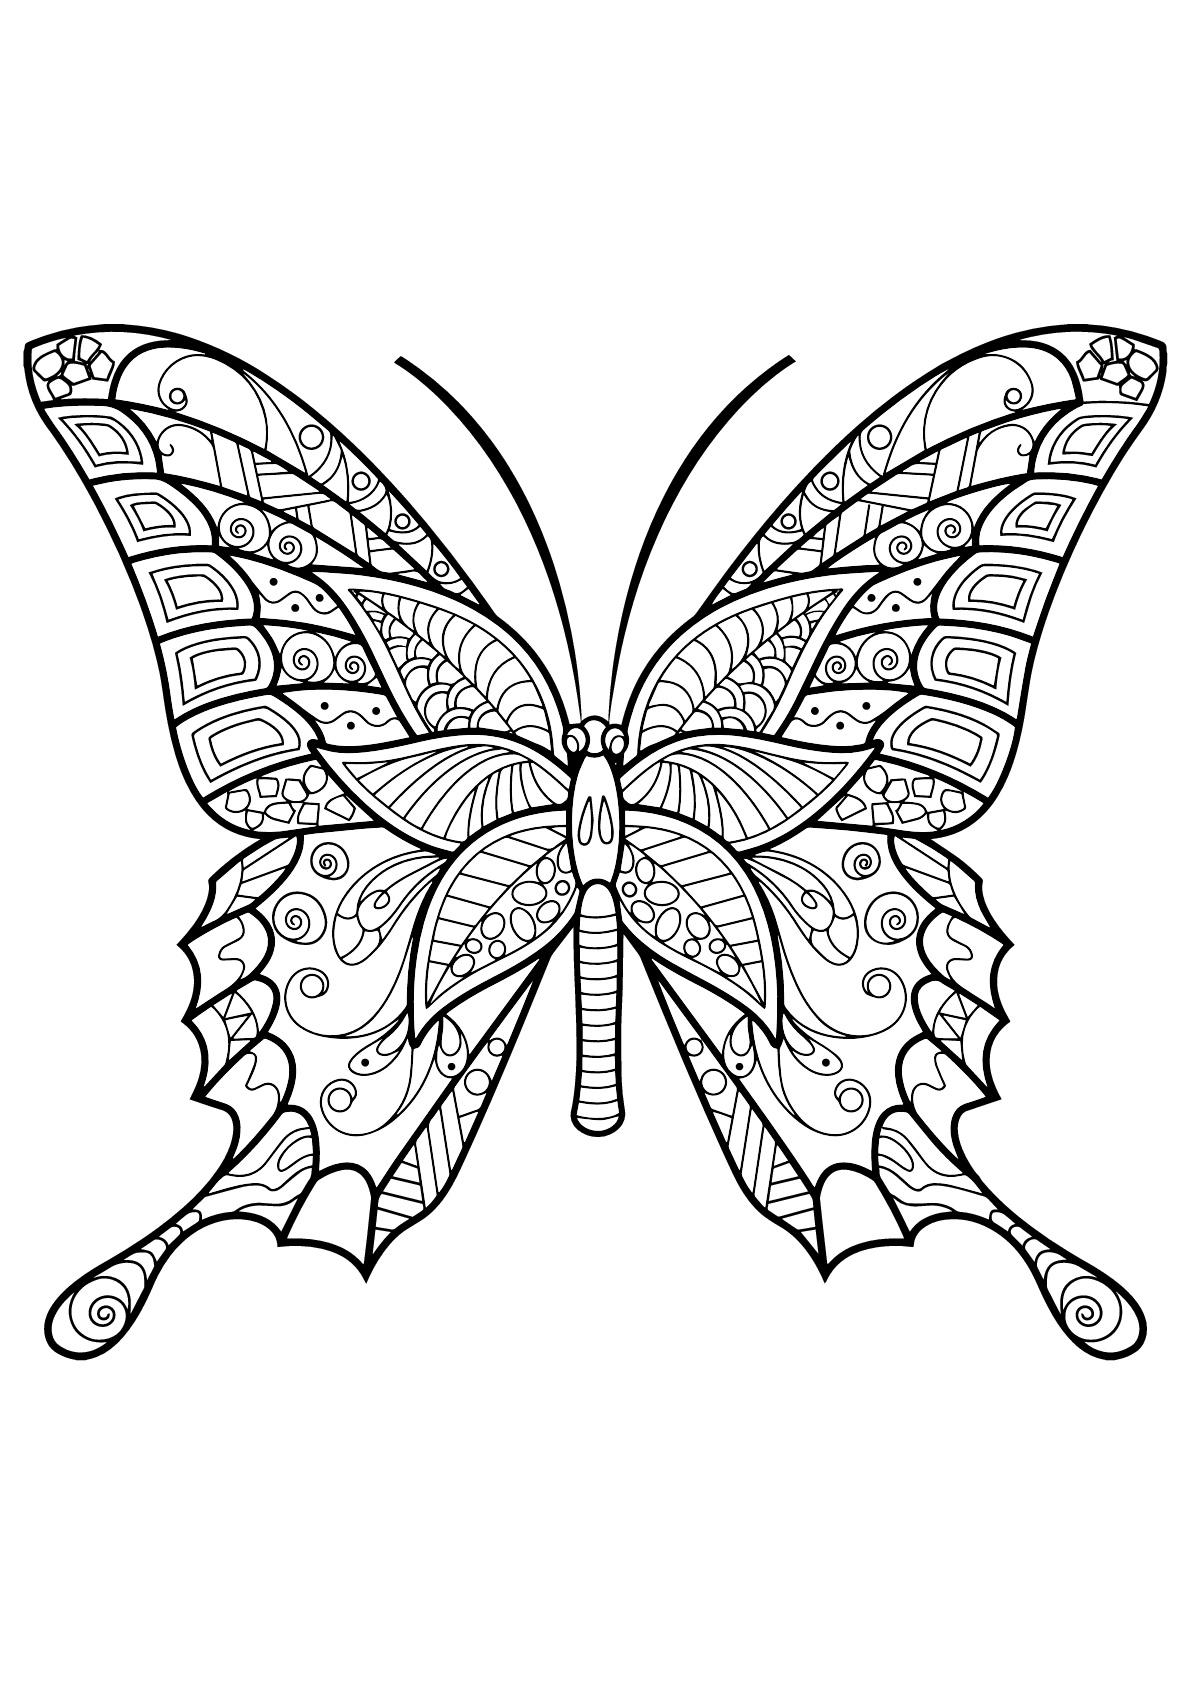 Insetti 21064 Farfalle E Insetti Disegni Da Colorare Per Adulti